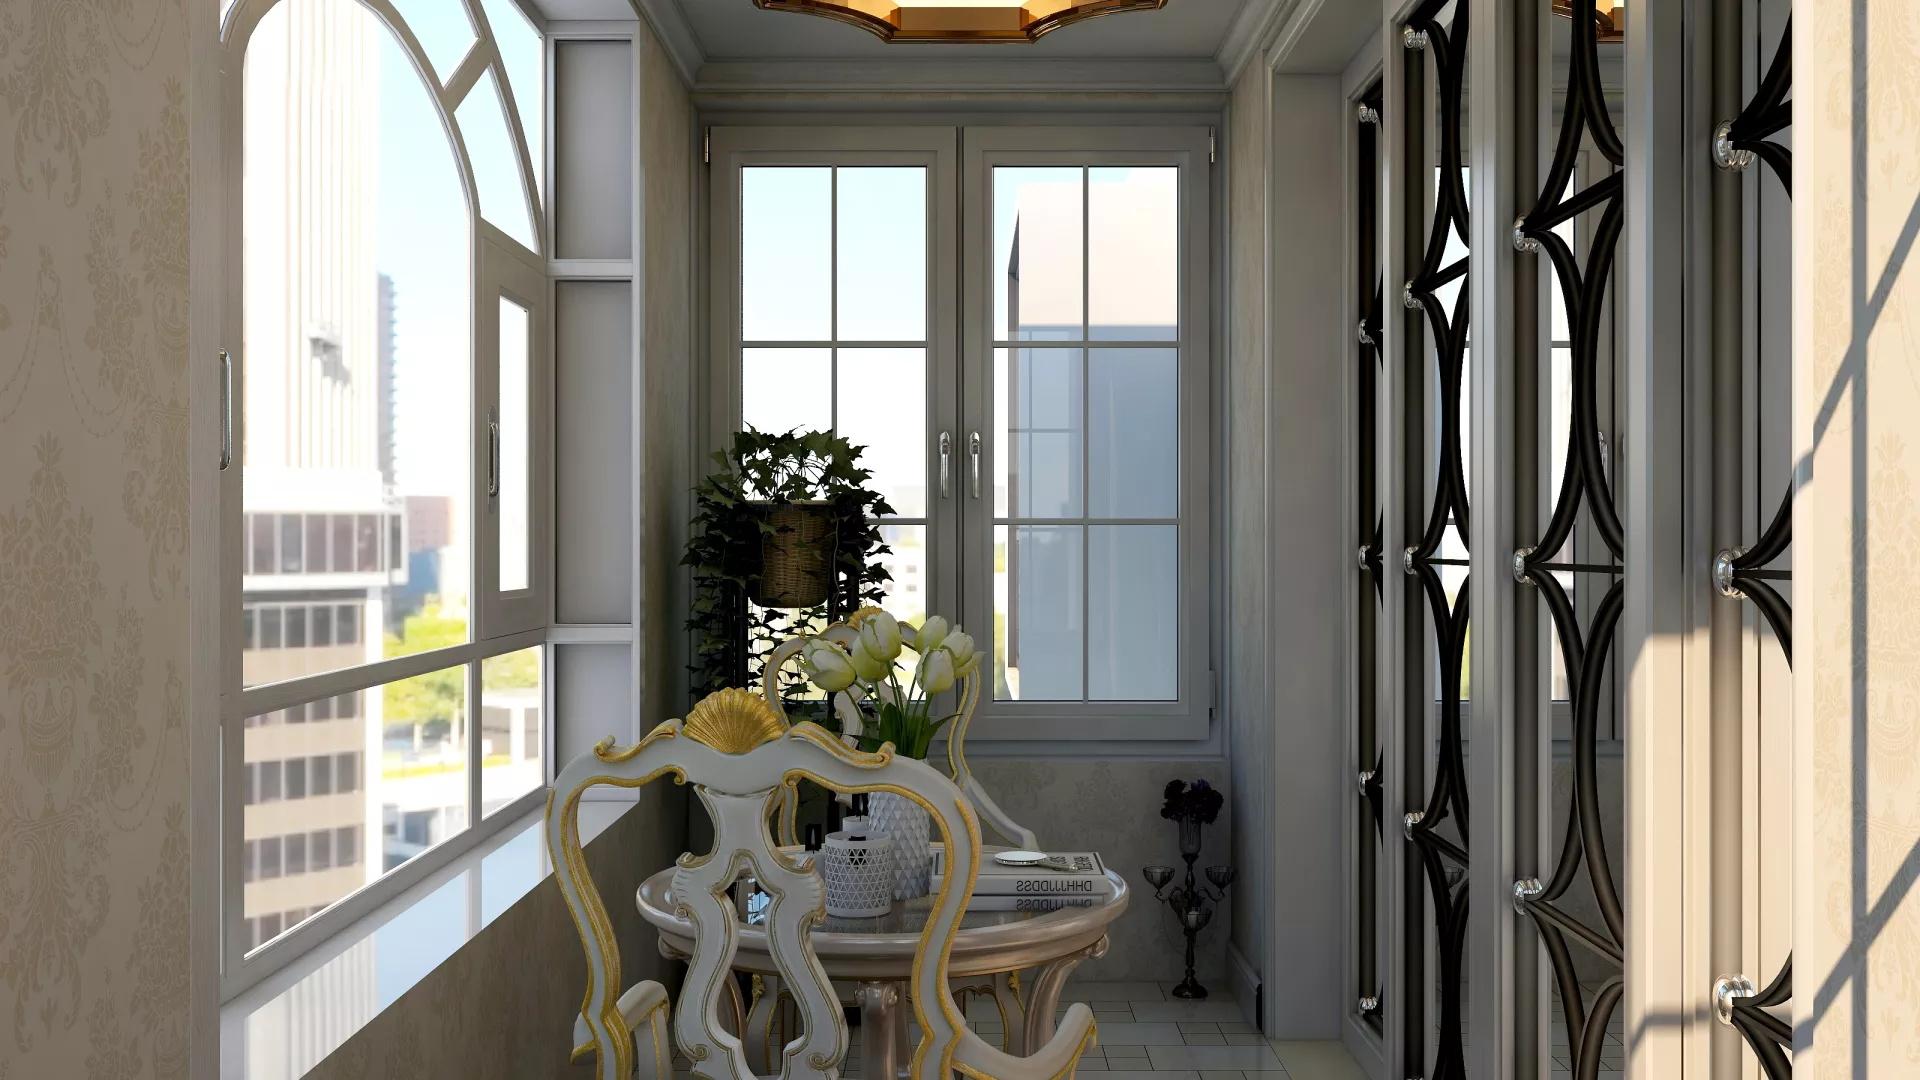 简约自然宜家风格室内装修设计效果图